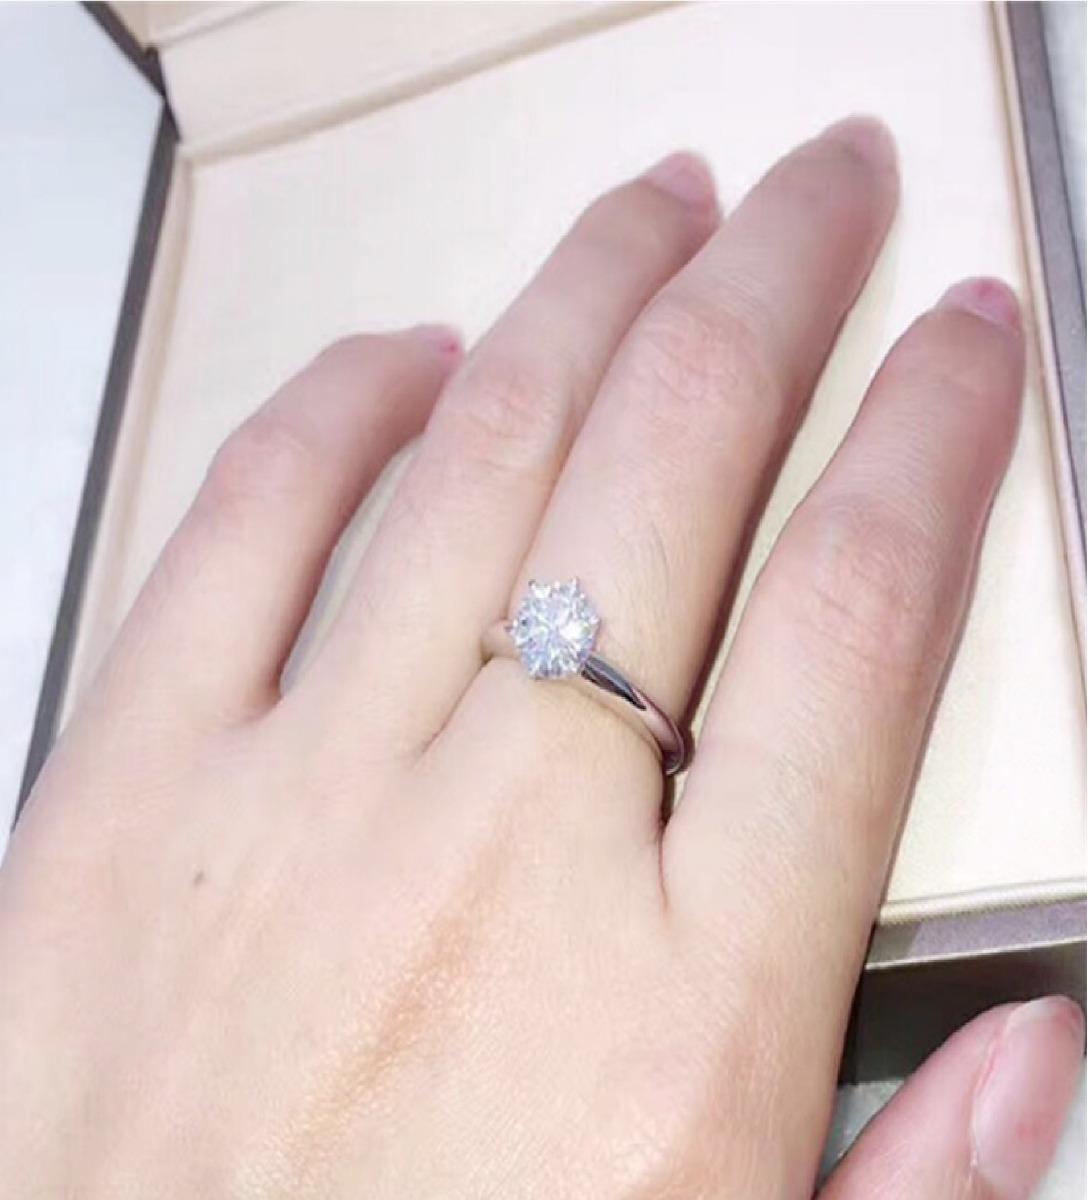 bce16a5a59fa anillo oro blanco 18k swarovski aniversario aro plata mama. Cargando zoom.